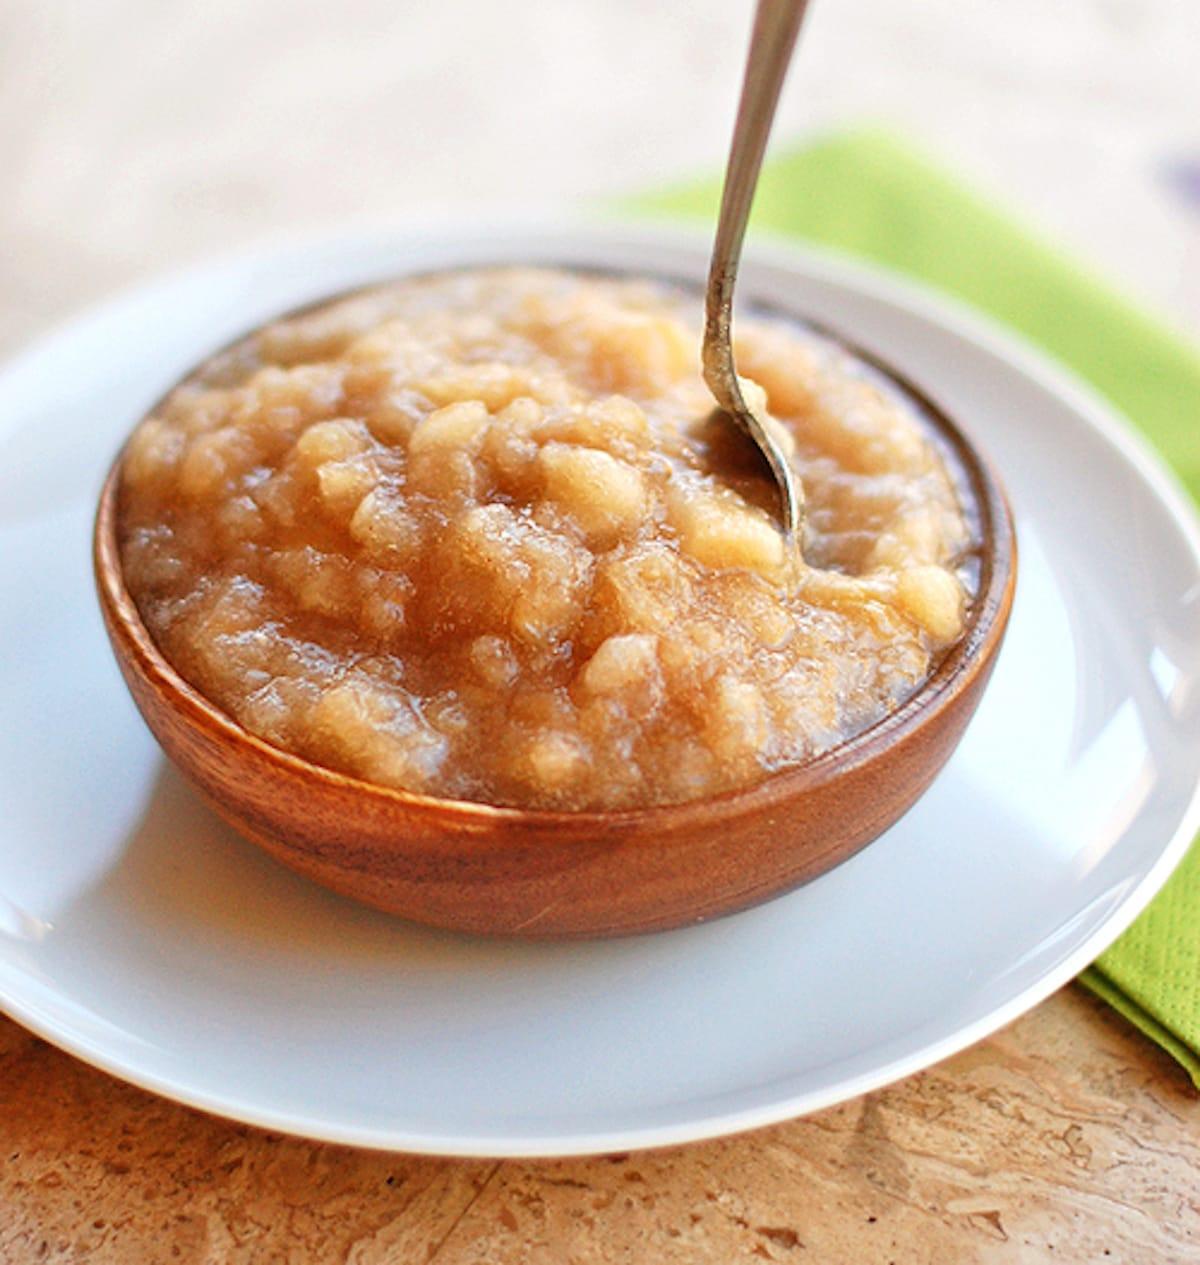 Recipe For Applesauce  Classic Homemade Applesauce Recipe Pinch of Yum